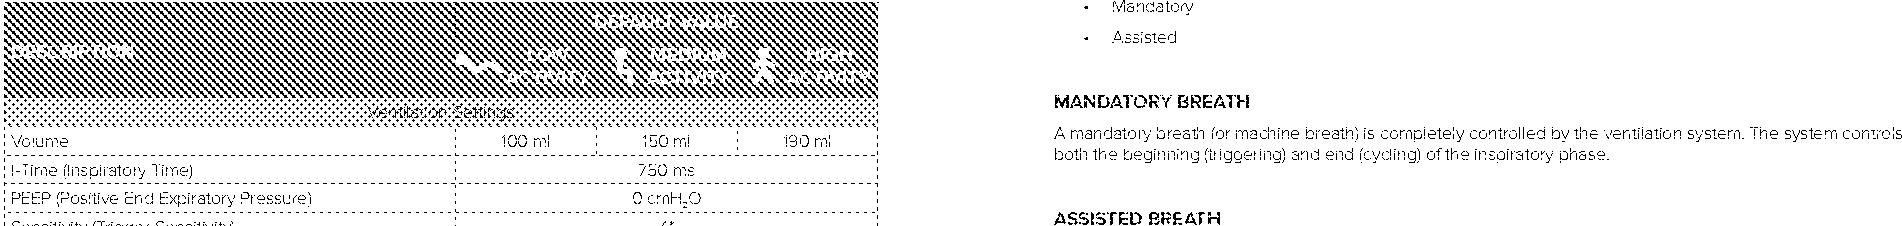 Figure AU2017209470B2_D0091